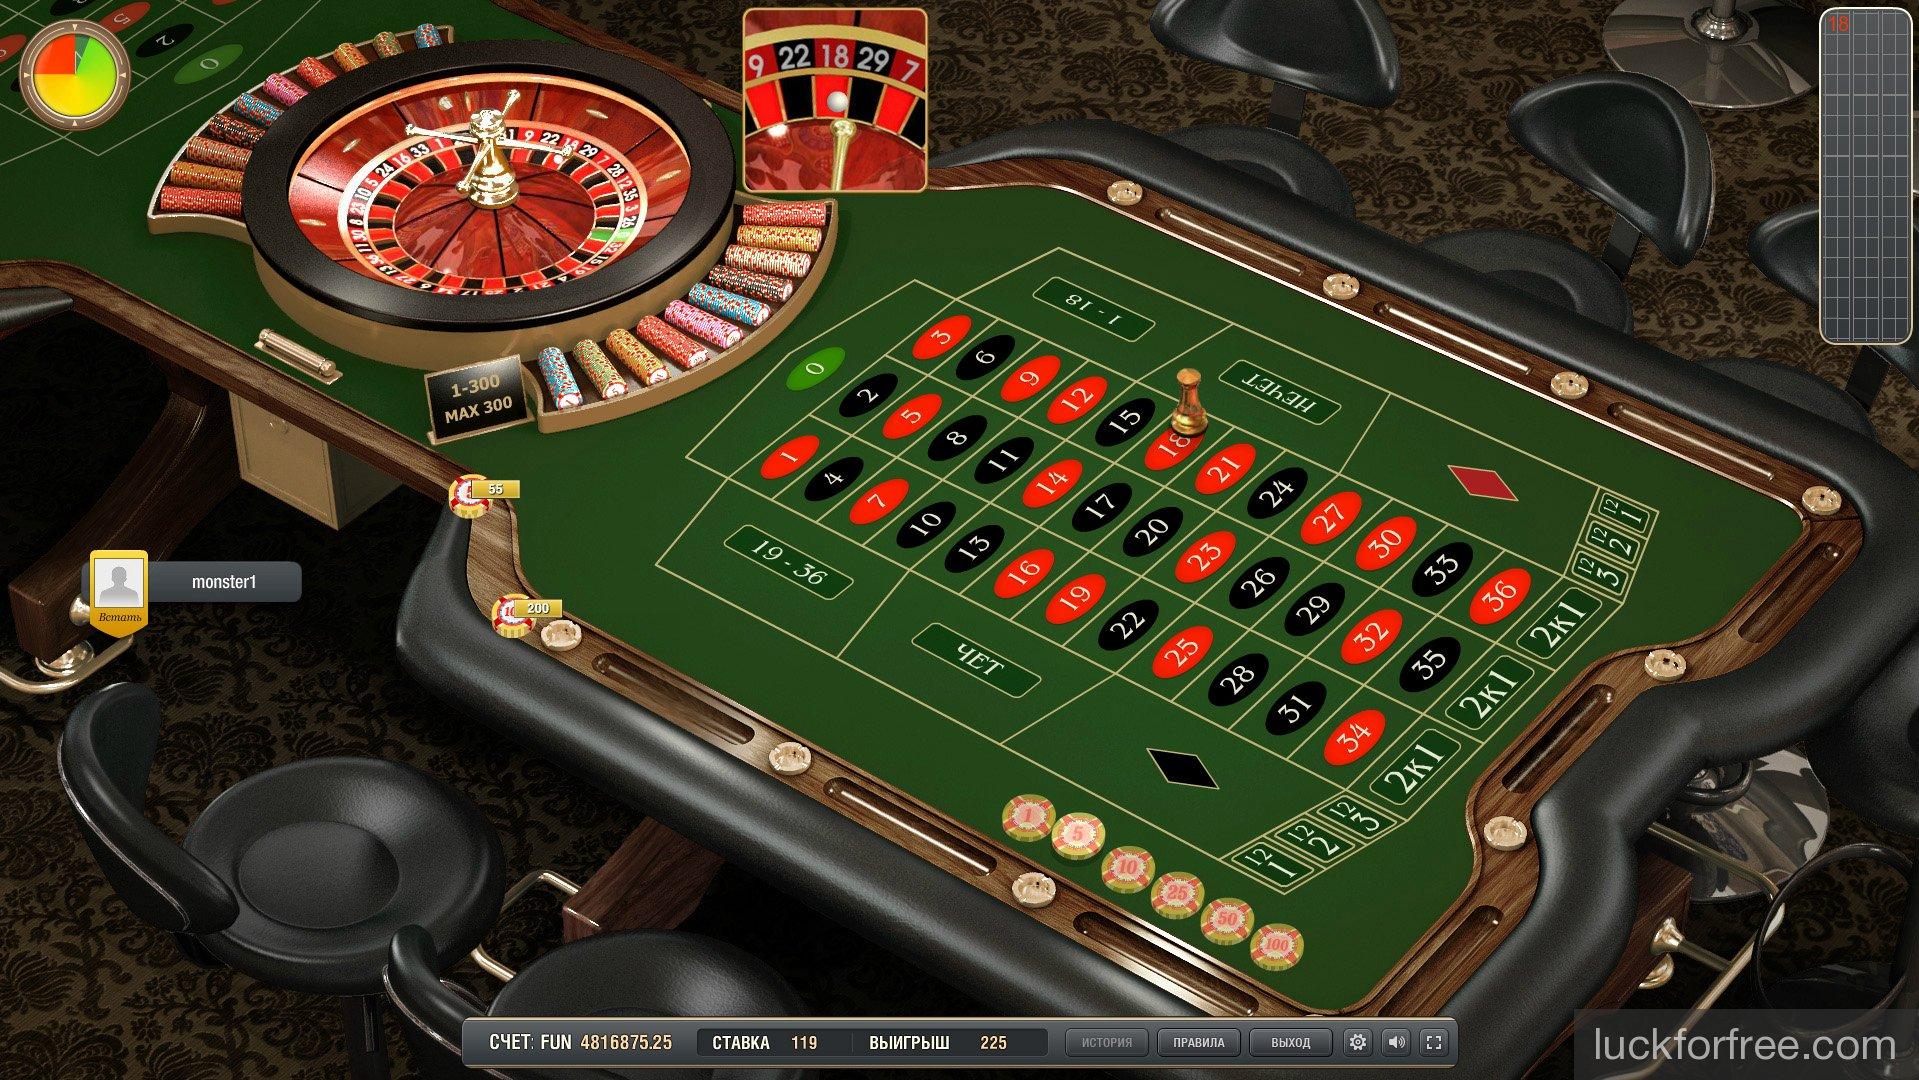 Игровые автоматы лас вегас в самаре заметить скрипты этих казино заложены профессиональные движки стоимостью несколько сотен